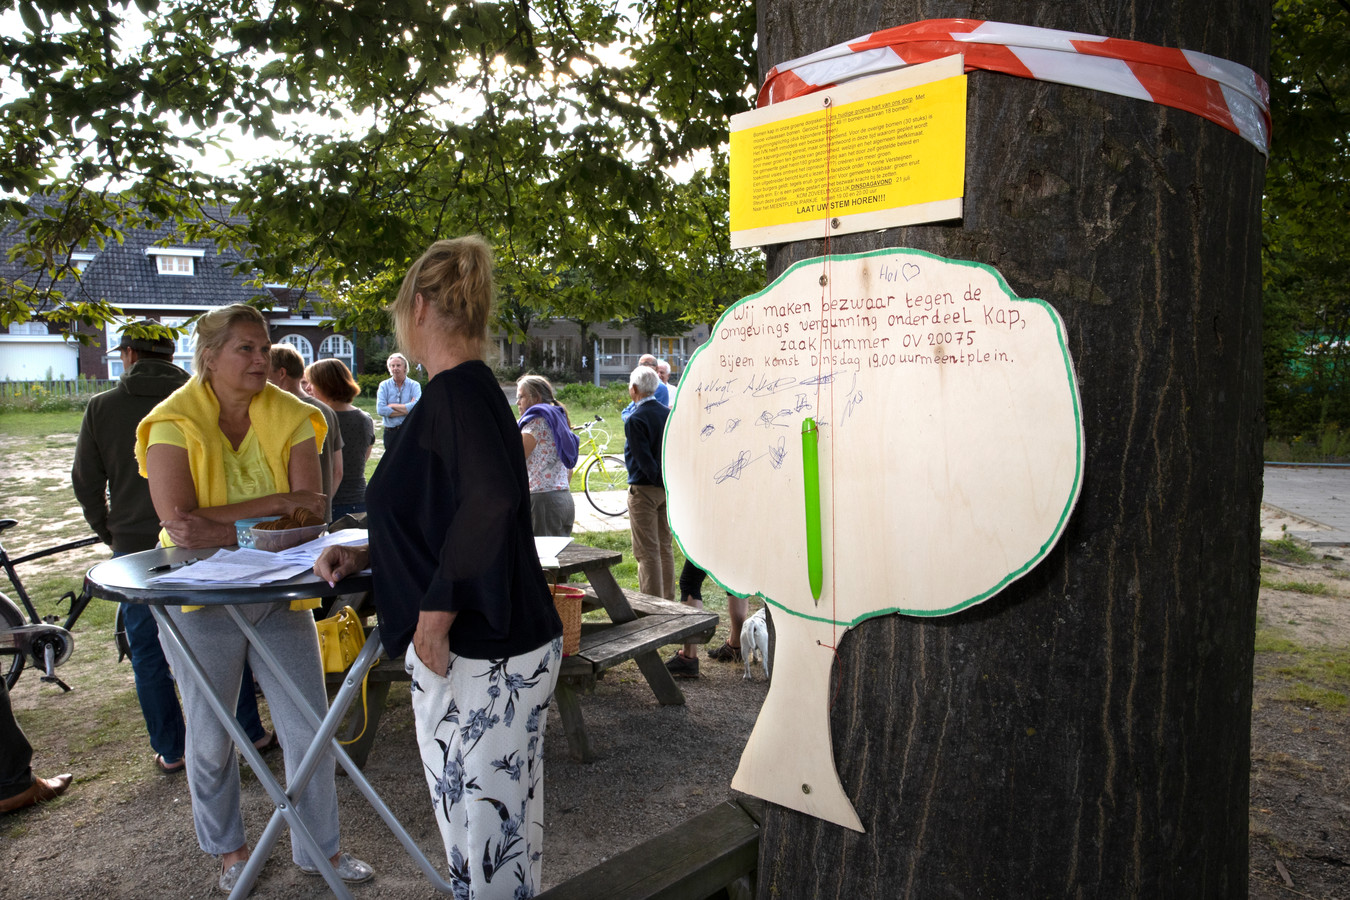 Buurtbewoners voerden afgelopen zomer actie tegen de voorgenomen bomenkap van de gemeente (archieffoto).